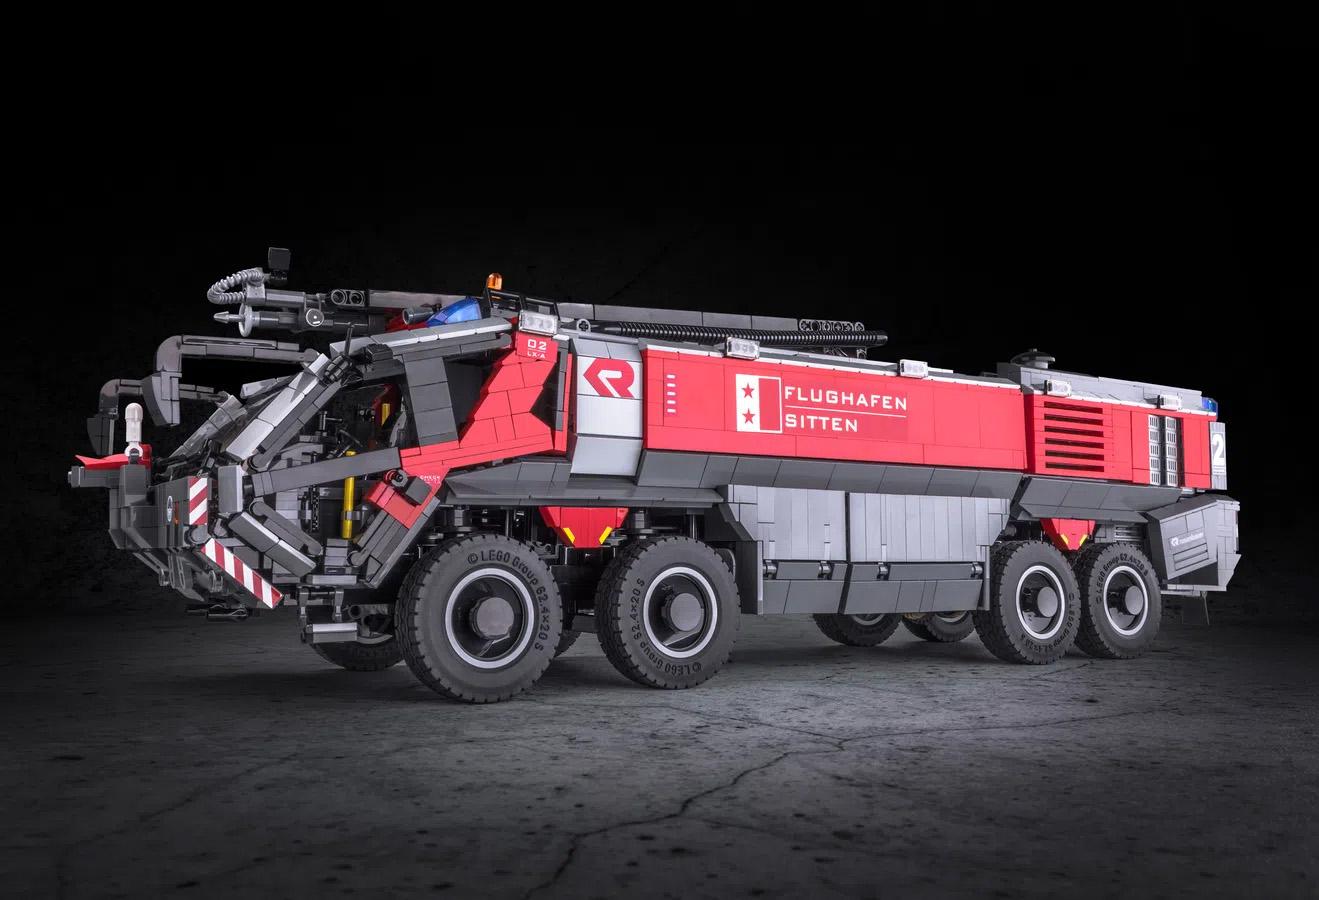 レゴアイデアで『ローゼンバウワー空港用化学消防車』が製品化レビュー進出!2021年第2回1万サポート獲得デザイン紹介